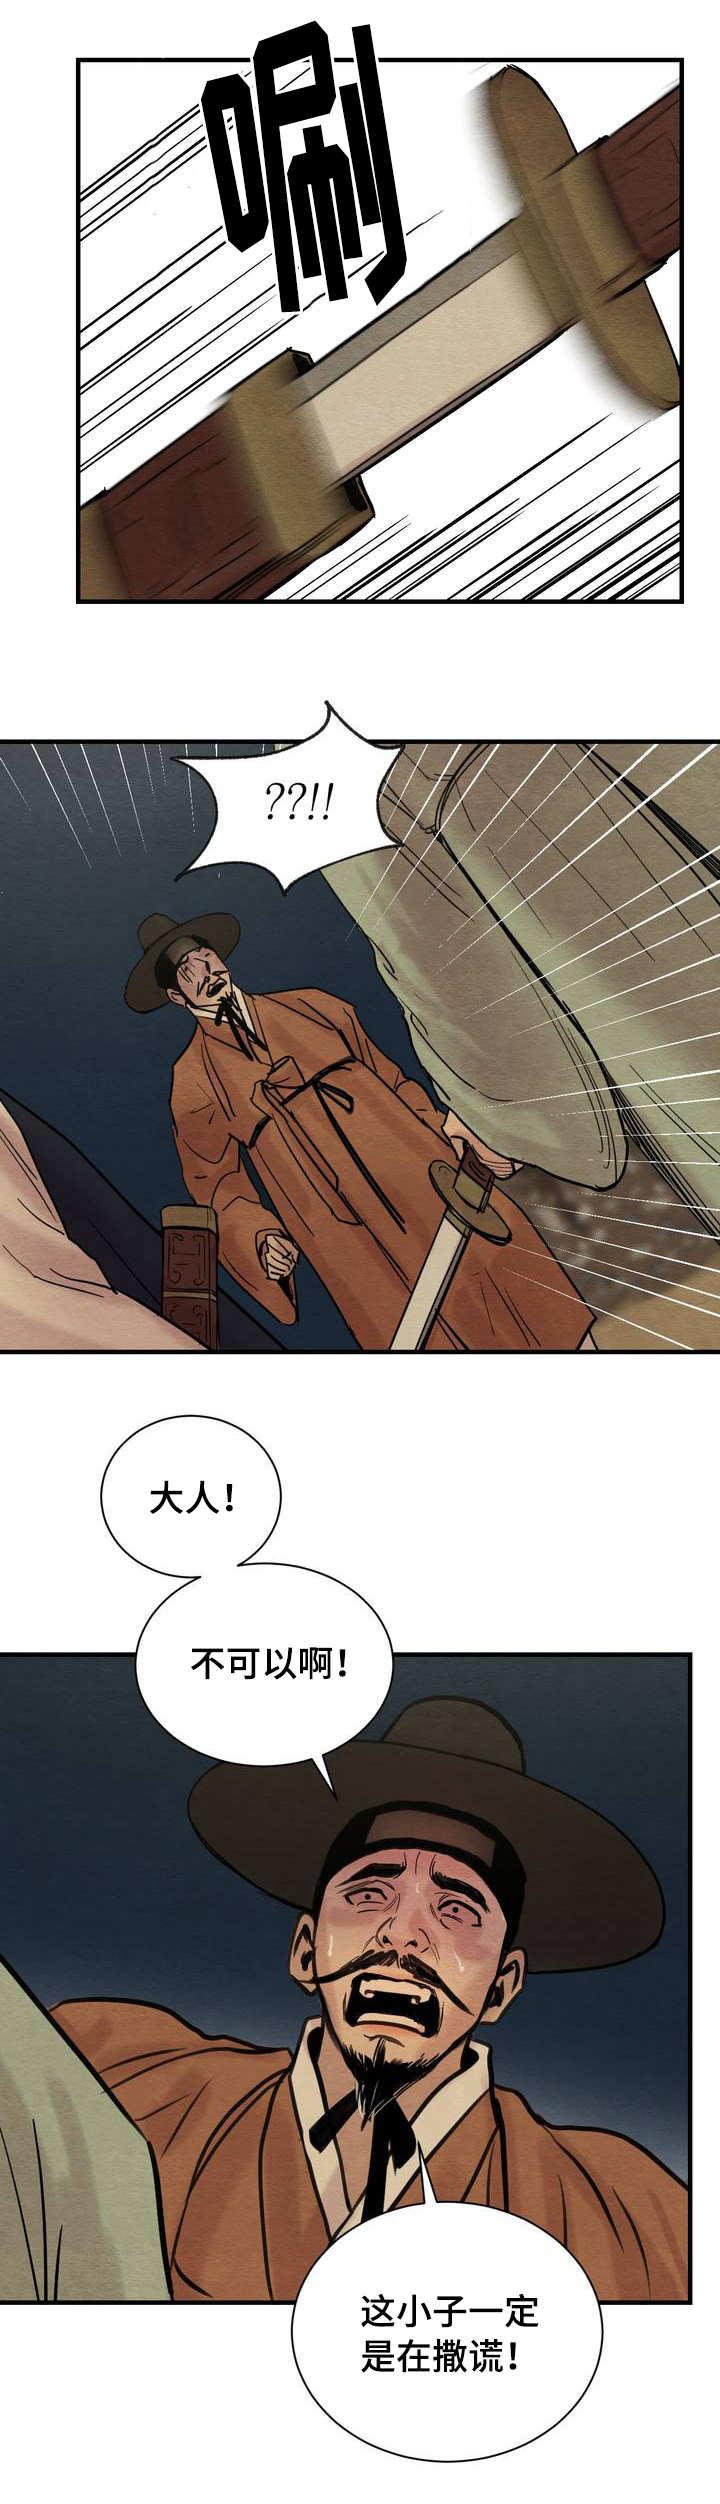 夜画第一季-野画集漫画下拉式在线阅读_完整版汉化(已完结)-啵乐漫画